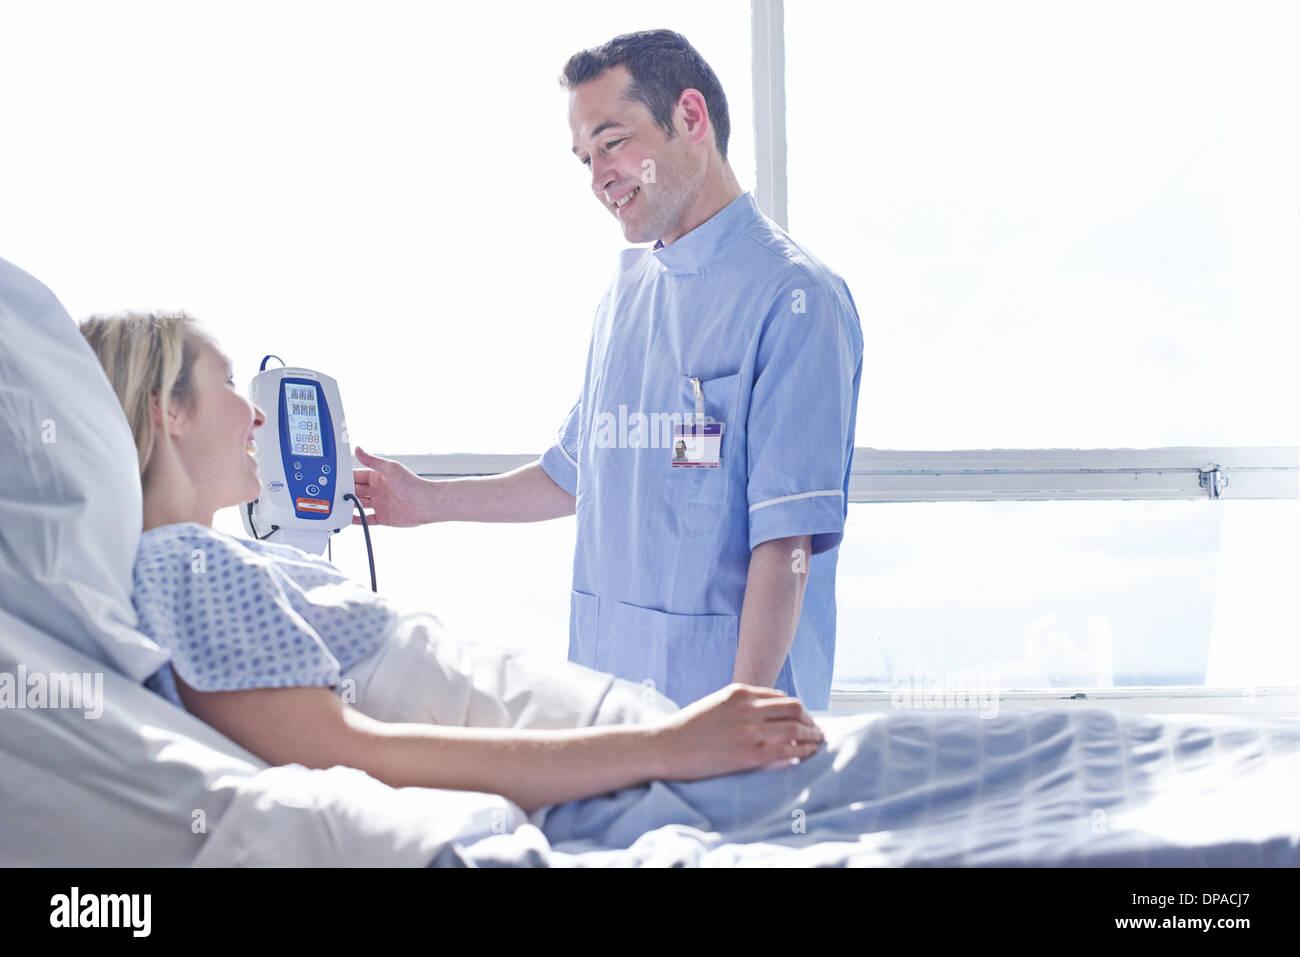 Infirmière de prendre la pression artérielle du patient Banque D'Images